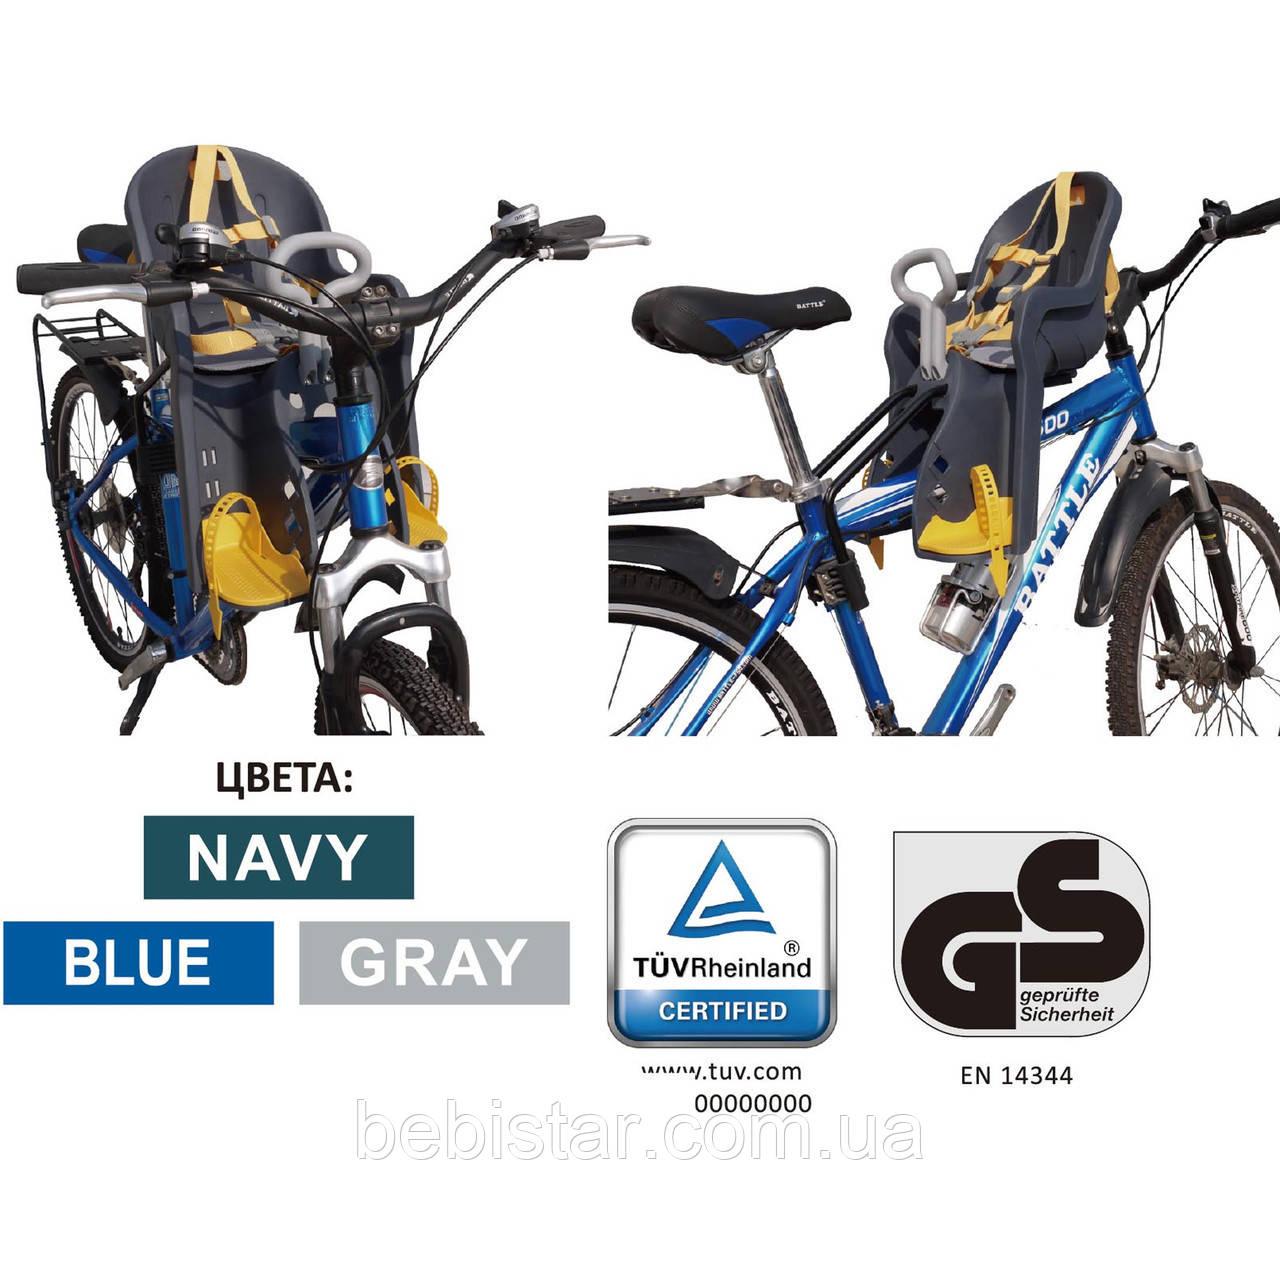 Велокрісло синє TILLY T-811 з установкою попереду сидіння по ходу або проти руху велосипеда